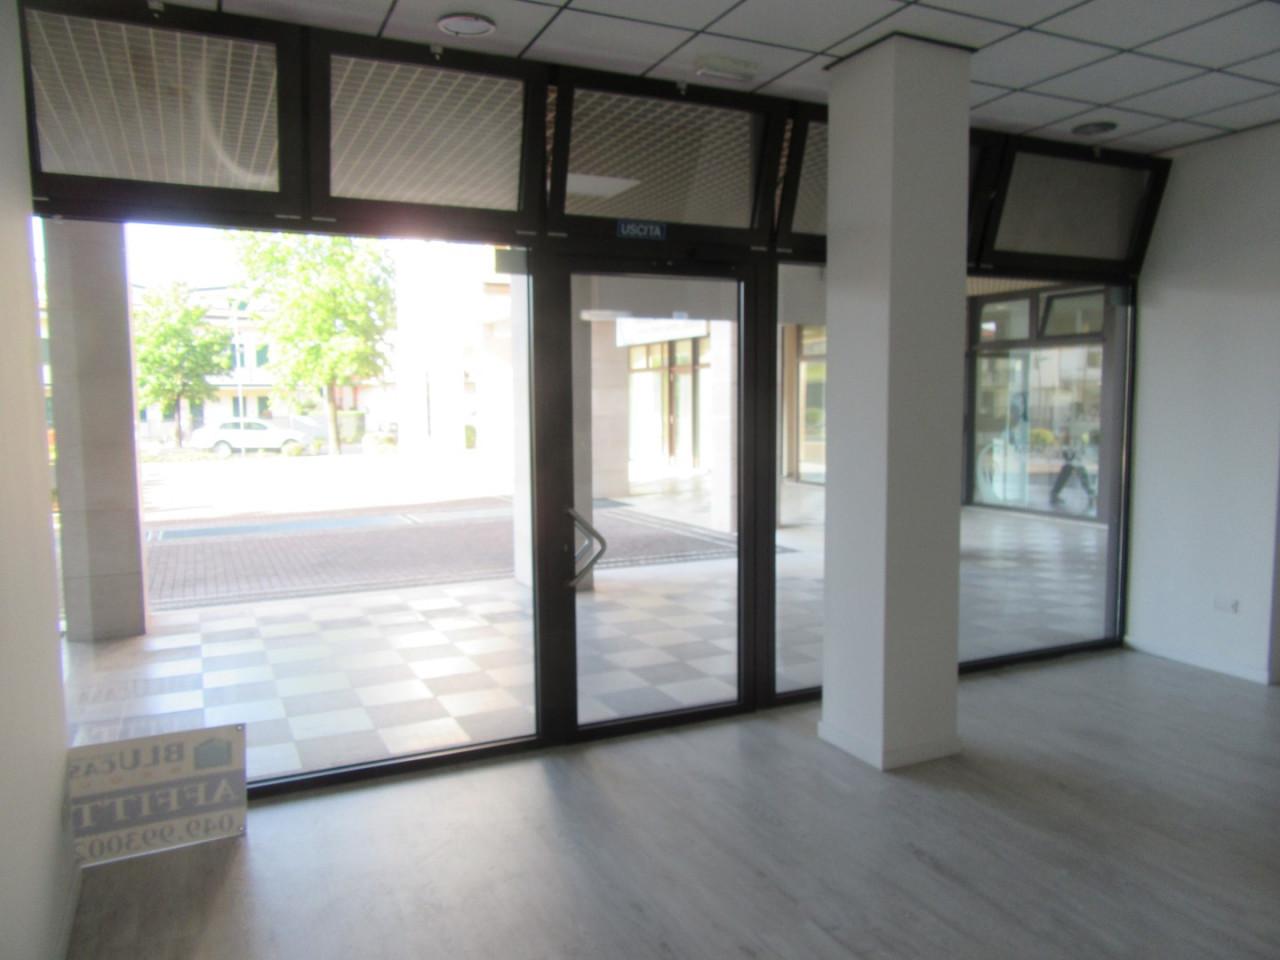 Z370 Negozio con altissima visibilità https://images.gestionaleimmobiliare.it/foto/annunci/210827/2719483/1280x1280/001__01_interno_negozio.jpg